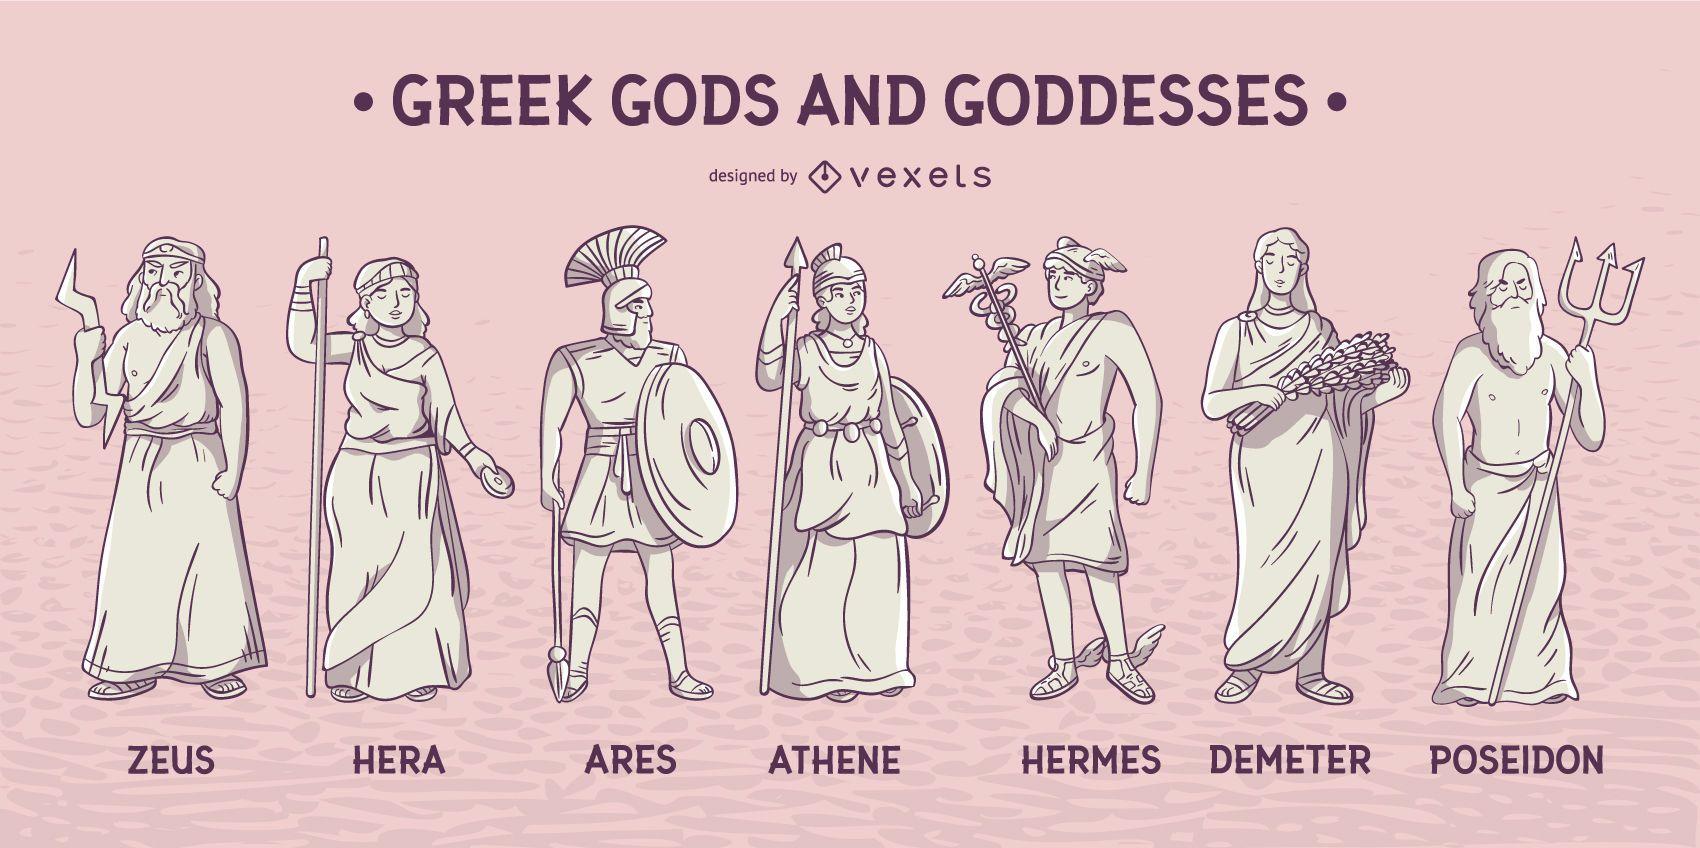 Griechische Götter und Göttinnen gesetzt - Vektor download